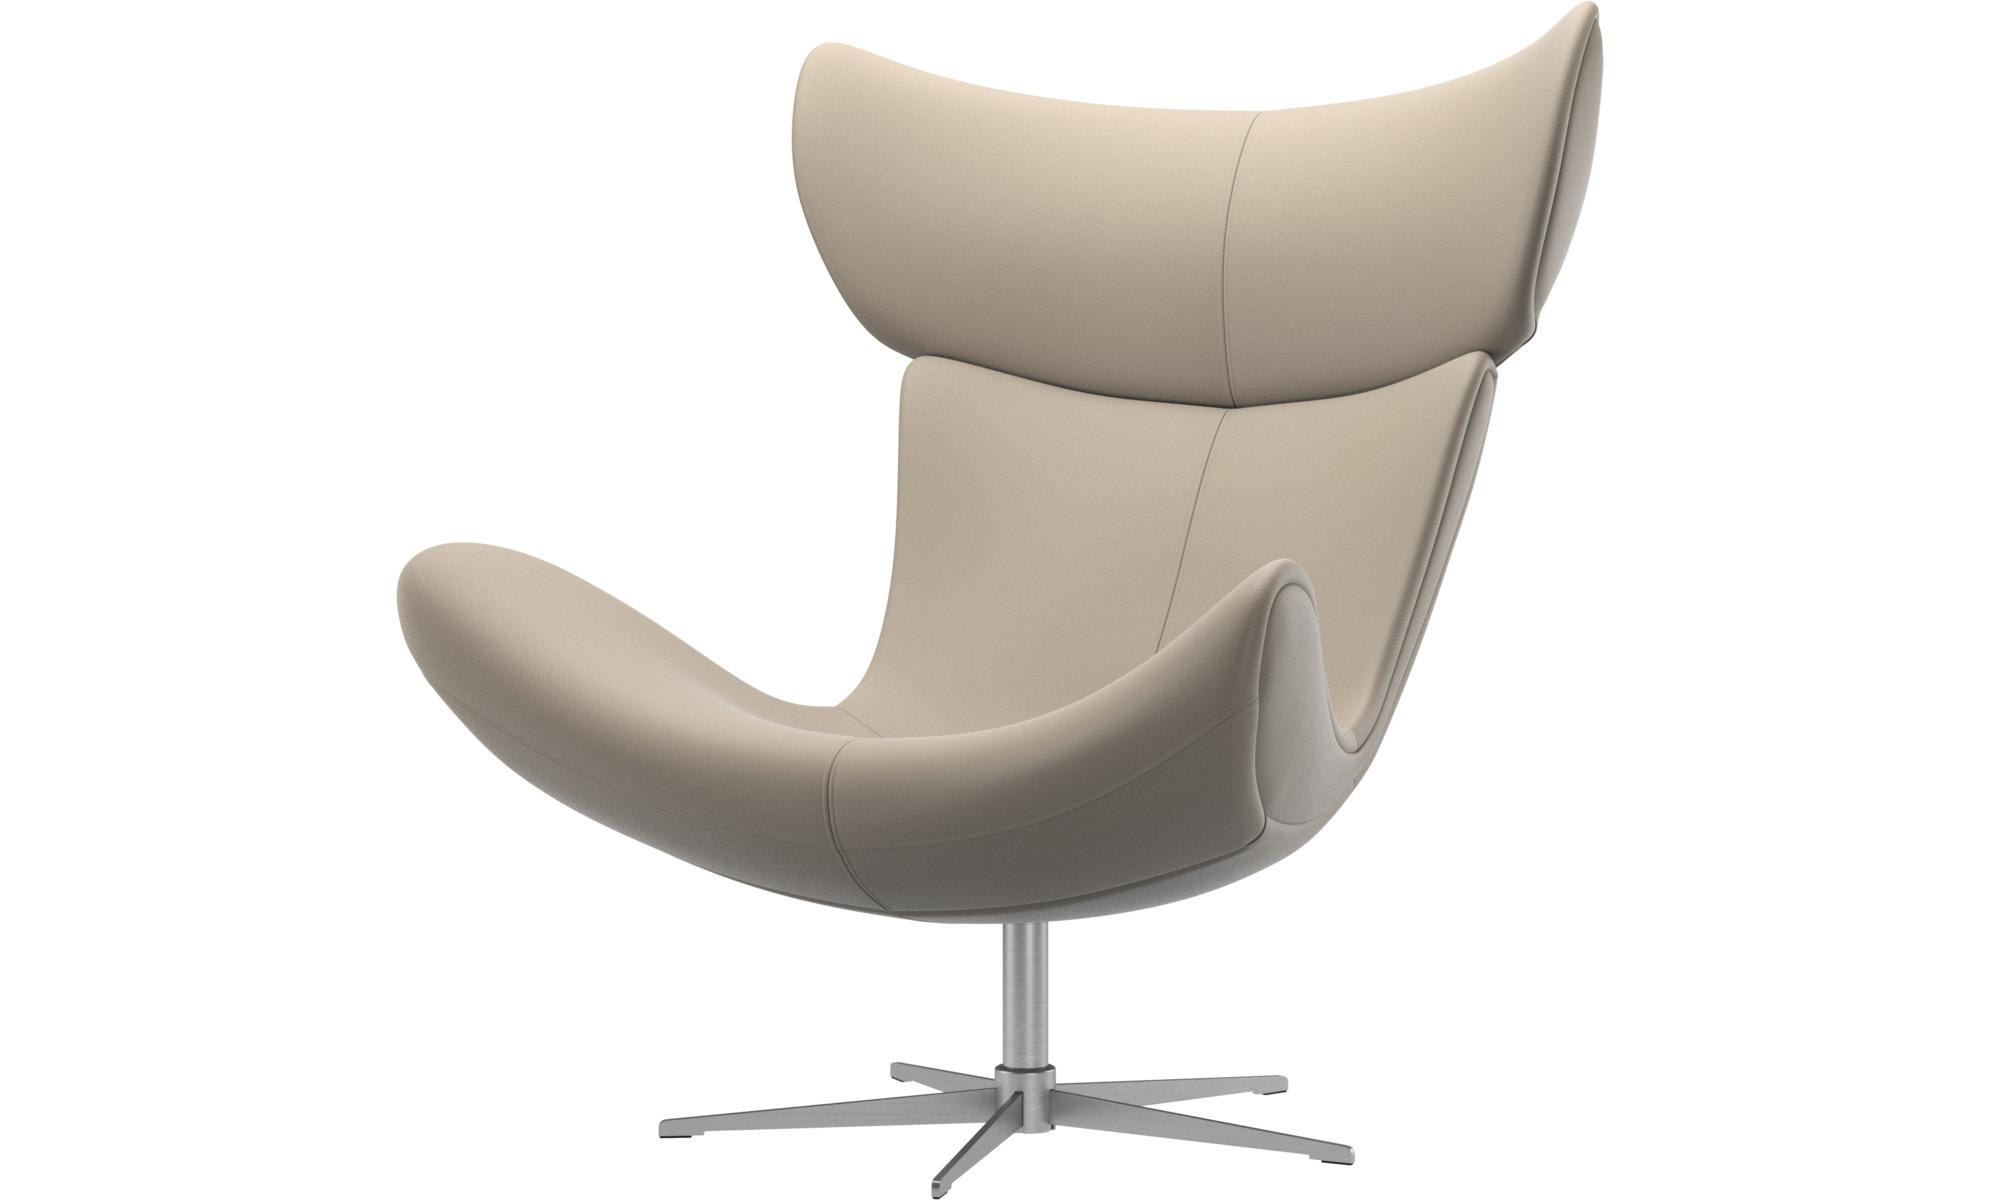 Sessel - Imola Sessel mit Drehfunktion - Beige - Leder